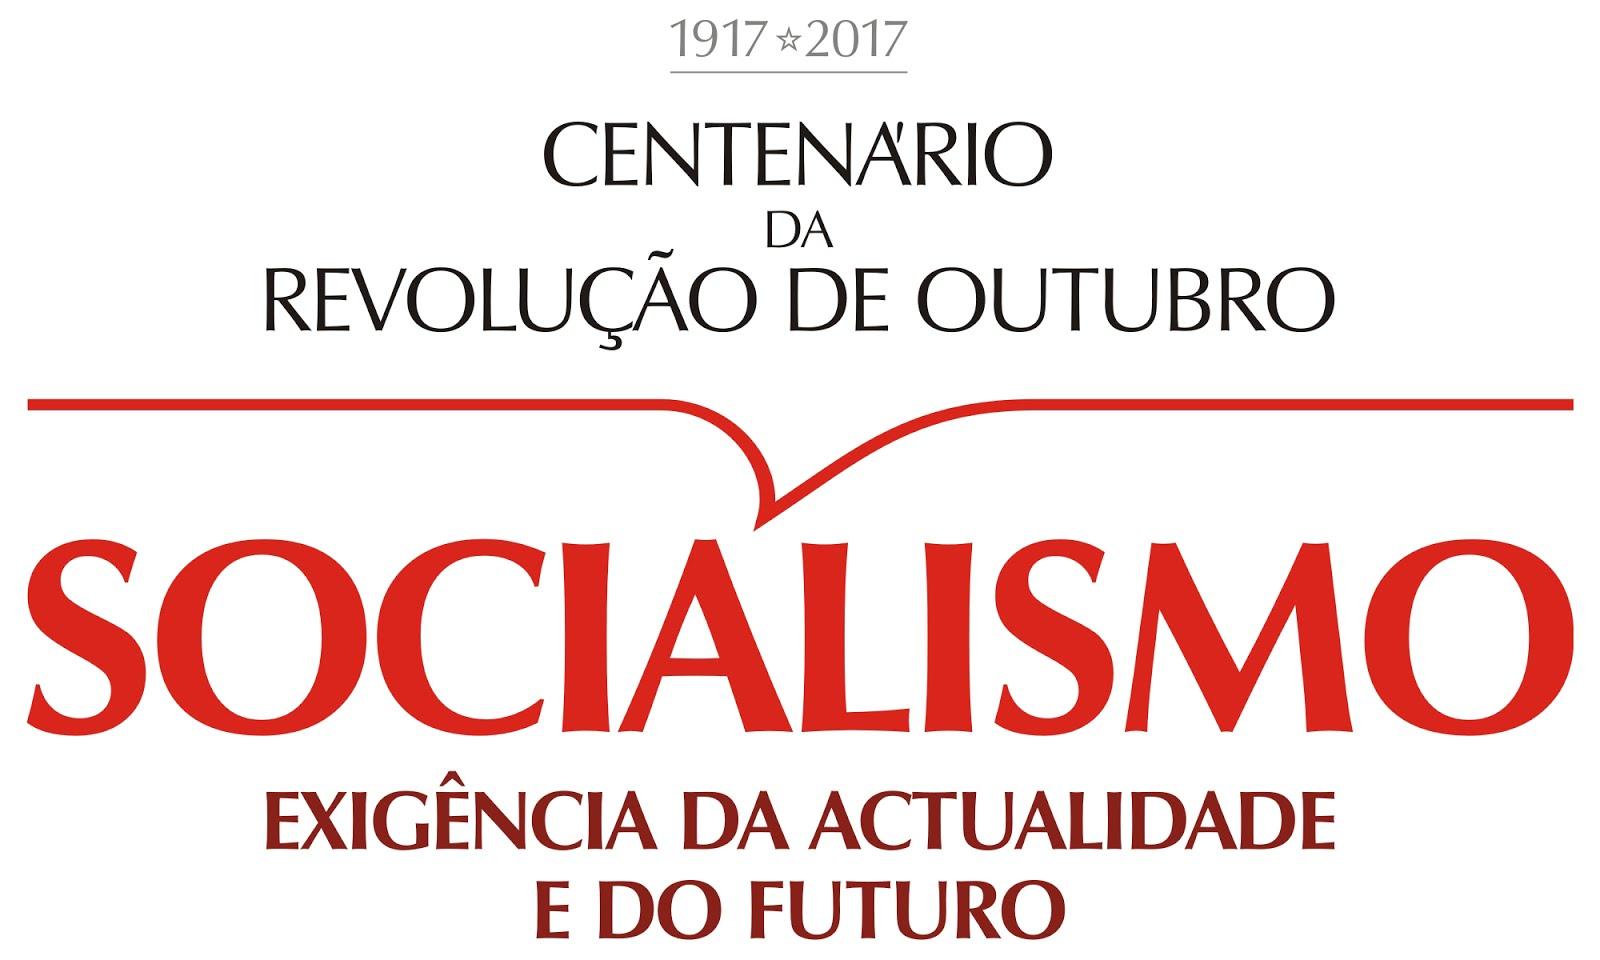 Centenário da Revolução de Outubro